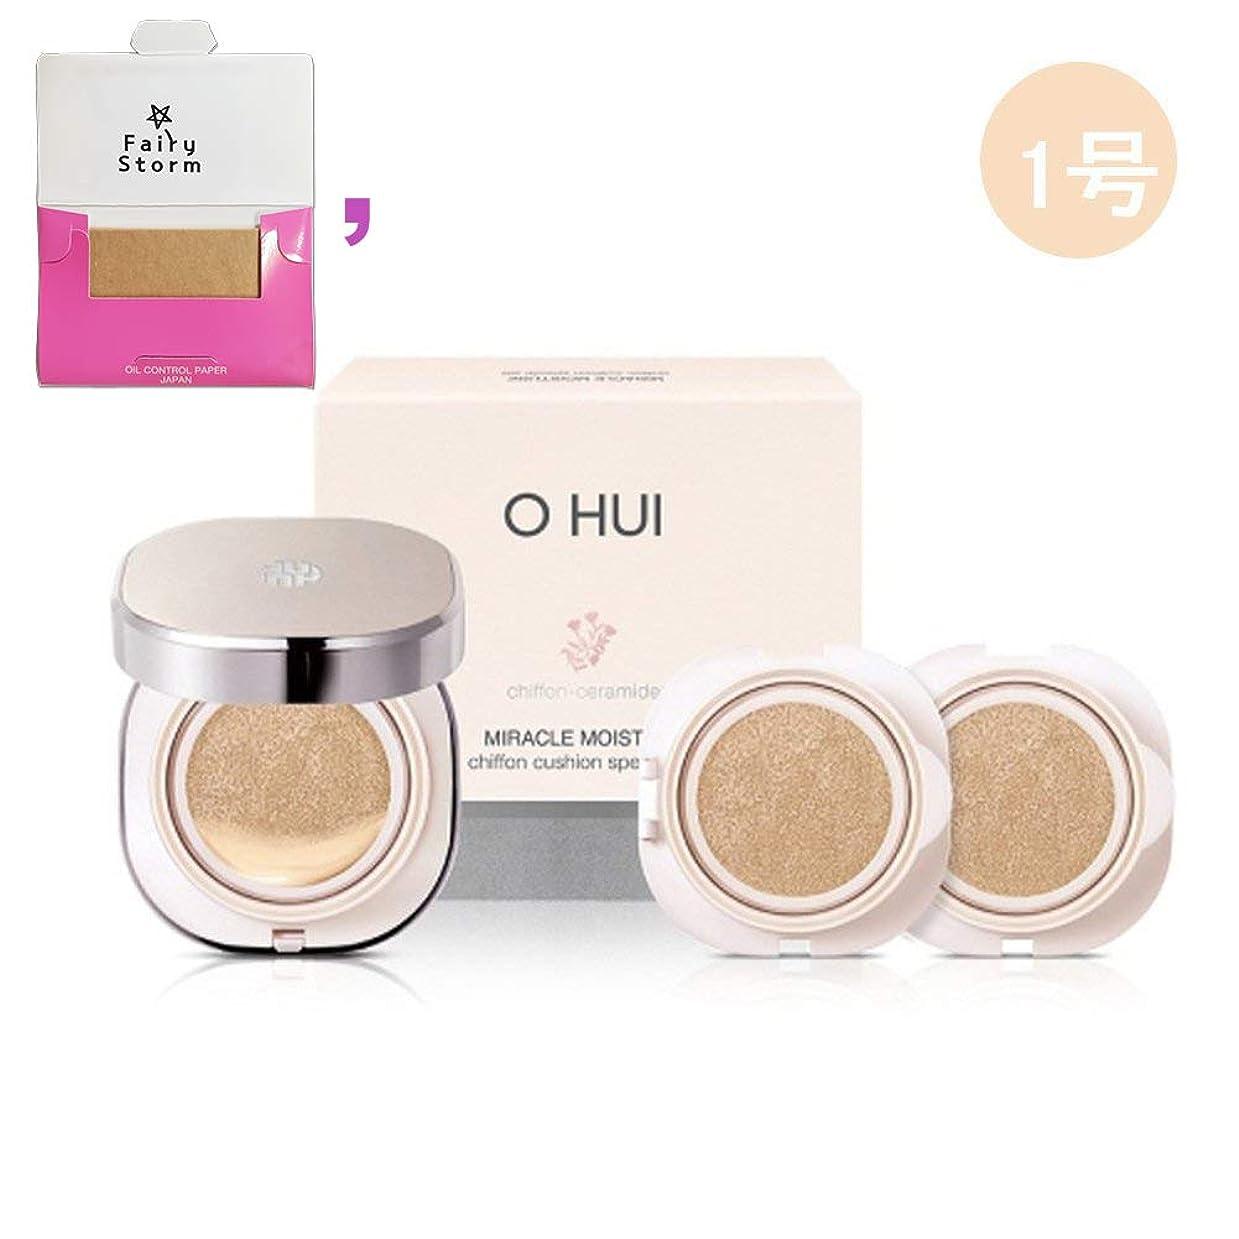 レジ親密な提供する[オフィ/ O HUI]韓国化粧品 LG生活健康/ohui Miracle Moisture shiffon cushion/ミラクル モイスチャーシフォンクッ ション + [Sample Gift](海外直送品) (1号)